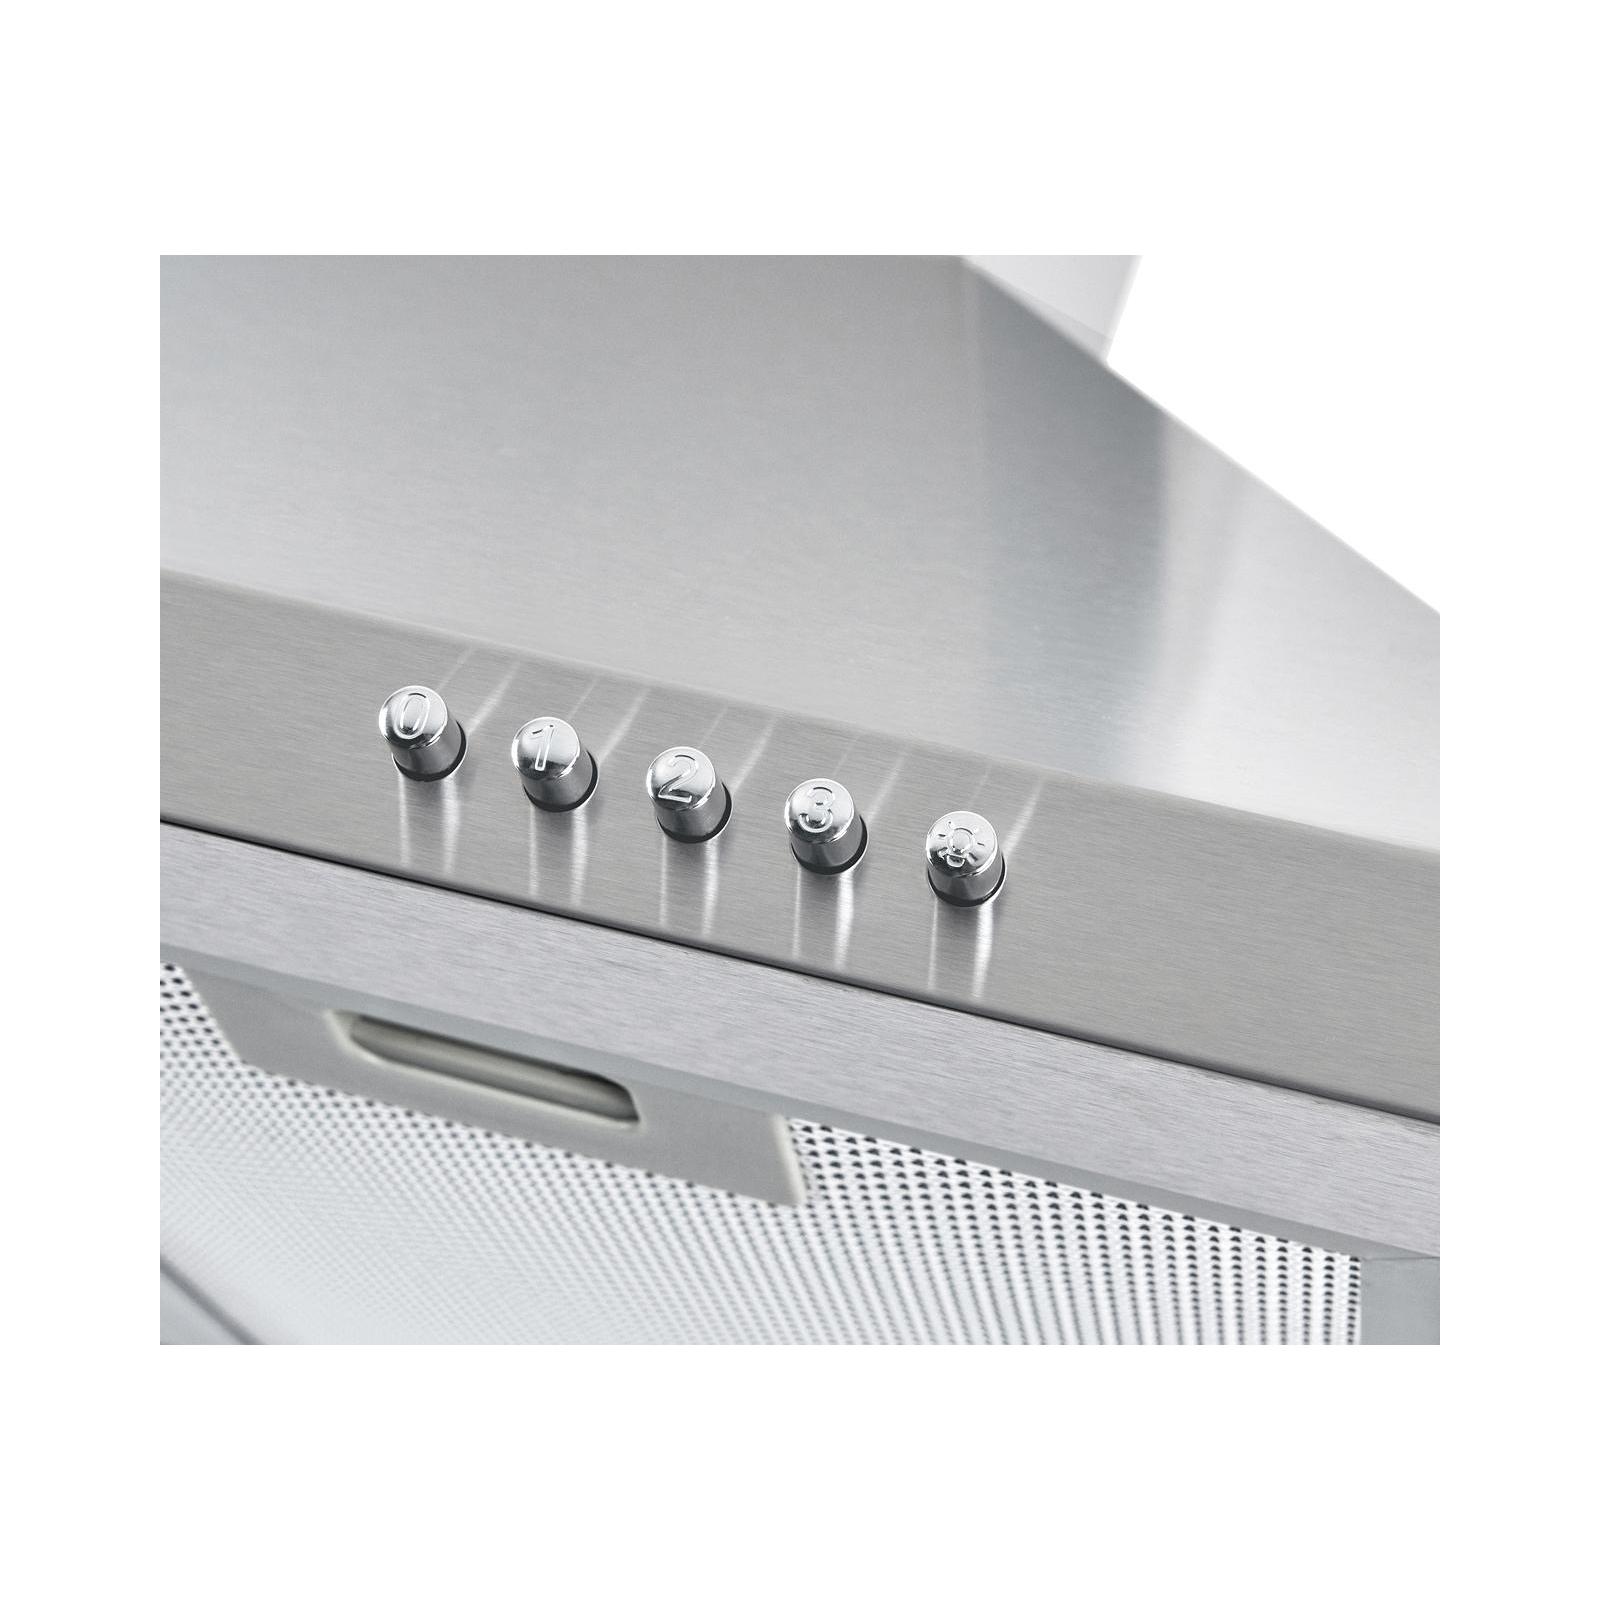 Вытяжка кухонная Ventolux MILANO 60 INOX (1000) PB изображение 5